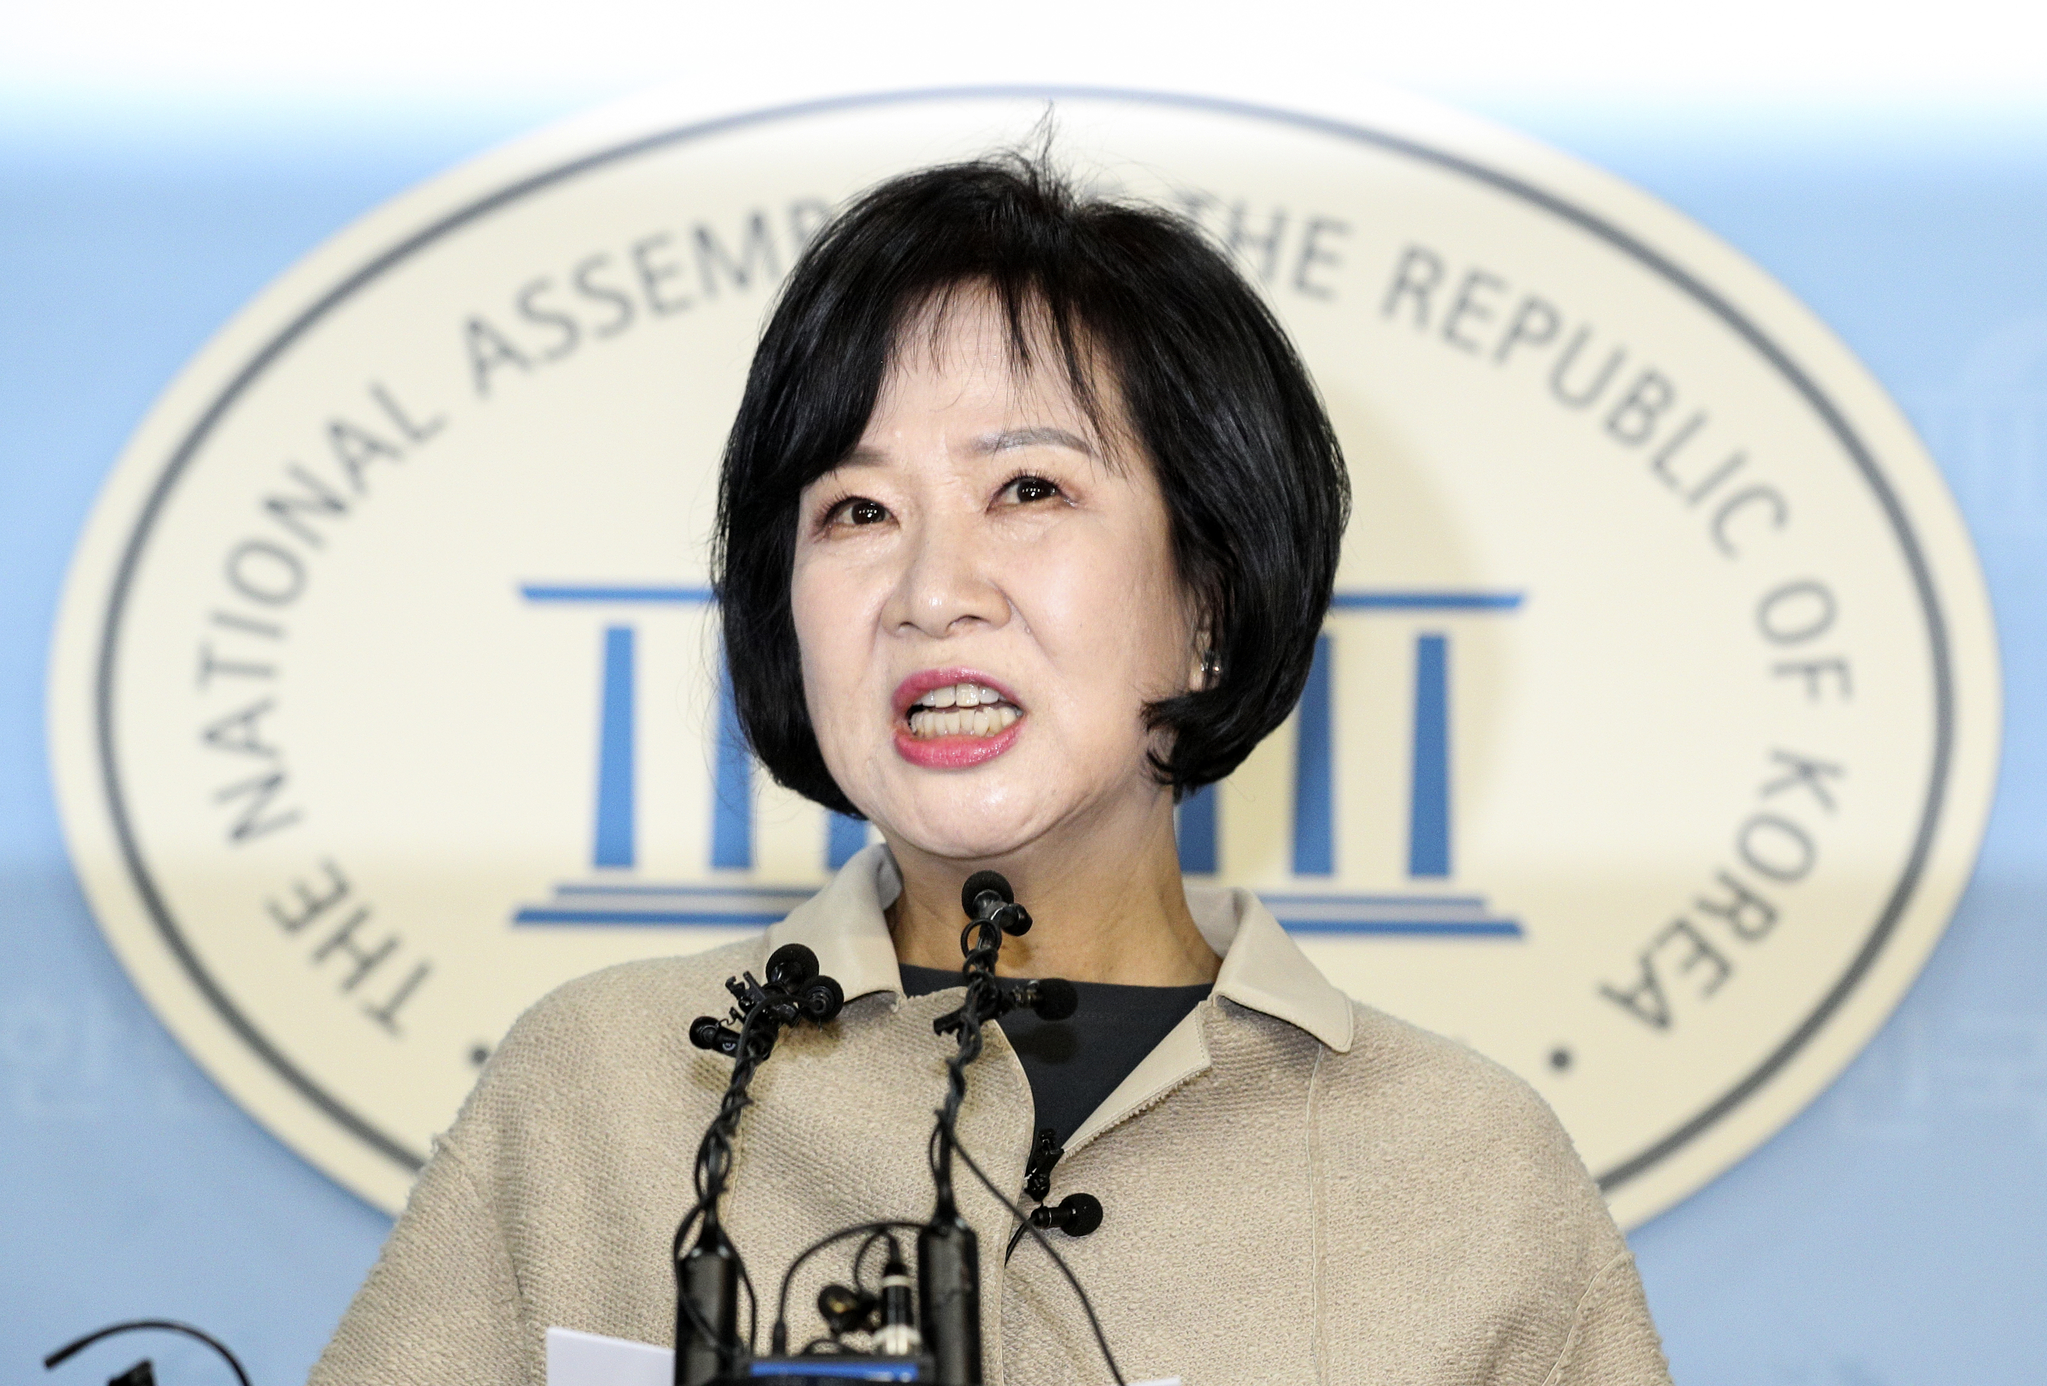 목포 부동산 투기 의혹을 받고 있는 손혜원 의원(서울 마포구을)이 20일 오전 서울 여의도 국회 정론관에서 기자회견을 하고 있다. 임현동 기자